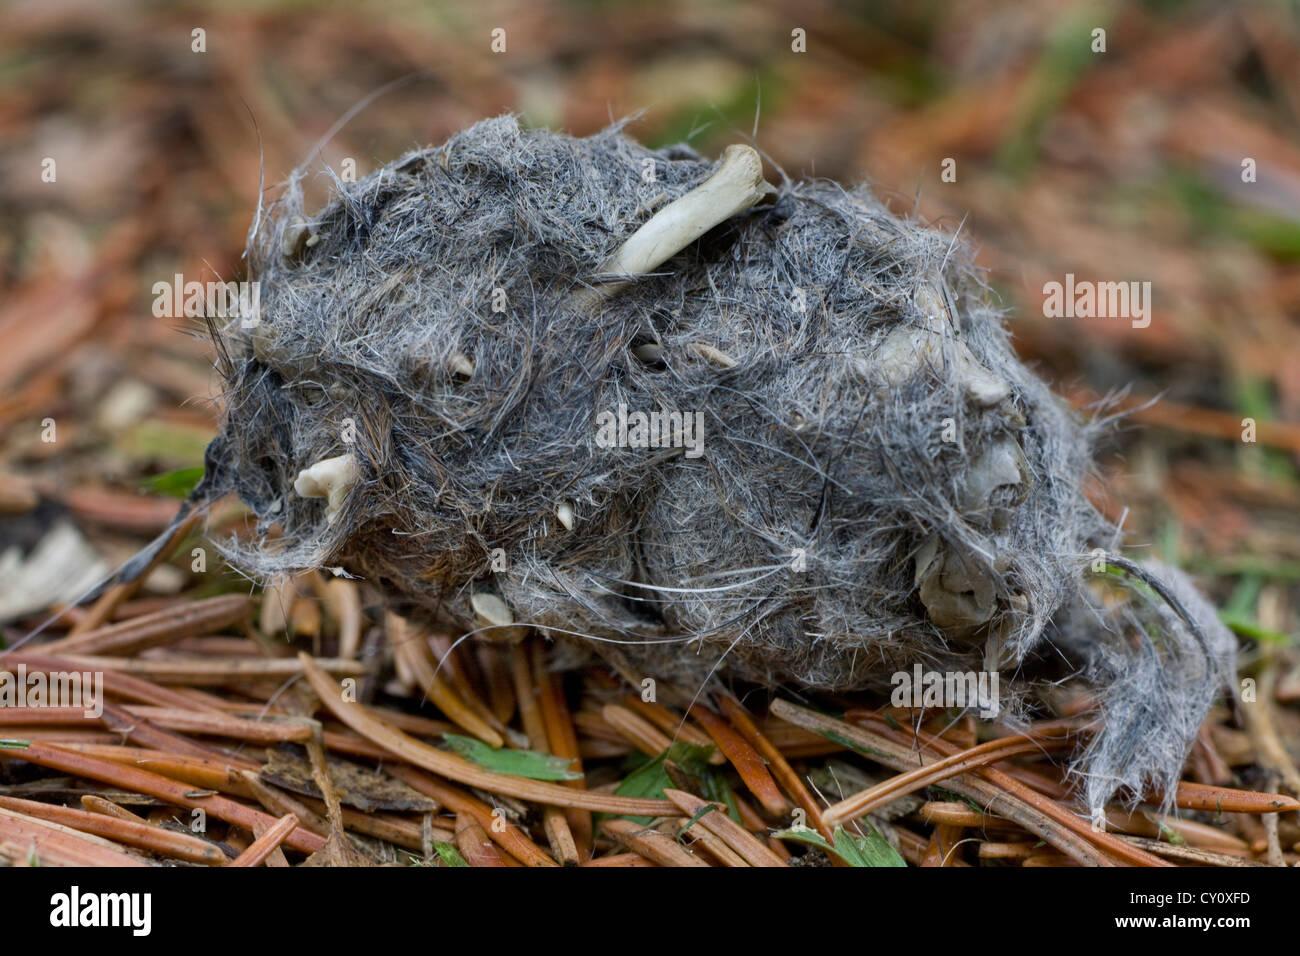 Cerca de la regurgitación de pellet de búho de orejas largas (asio otus / Strix otus) en bosques mostrando Imagen De Stock